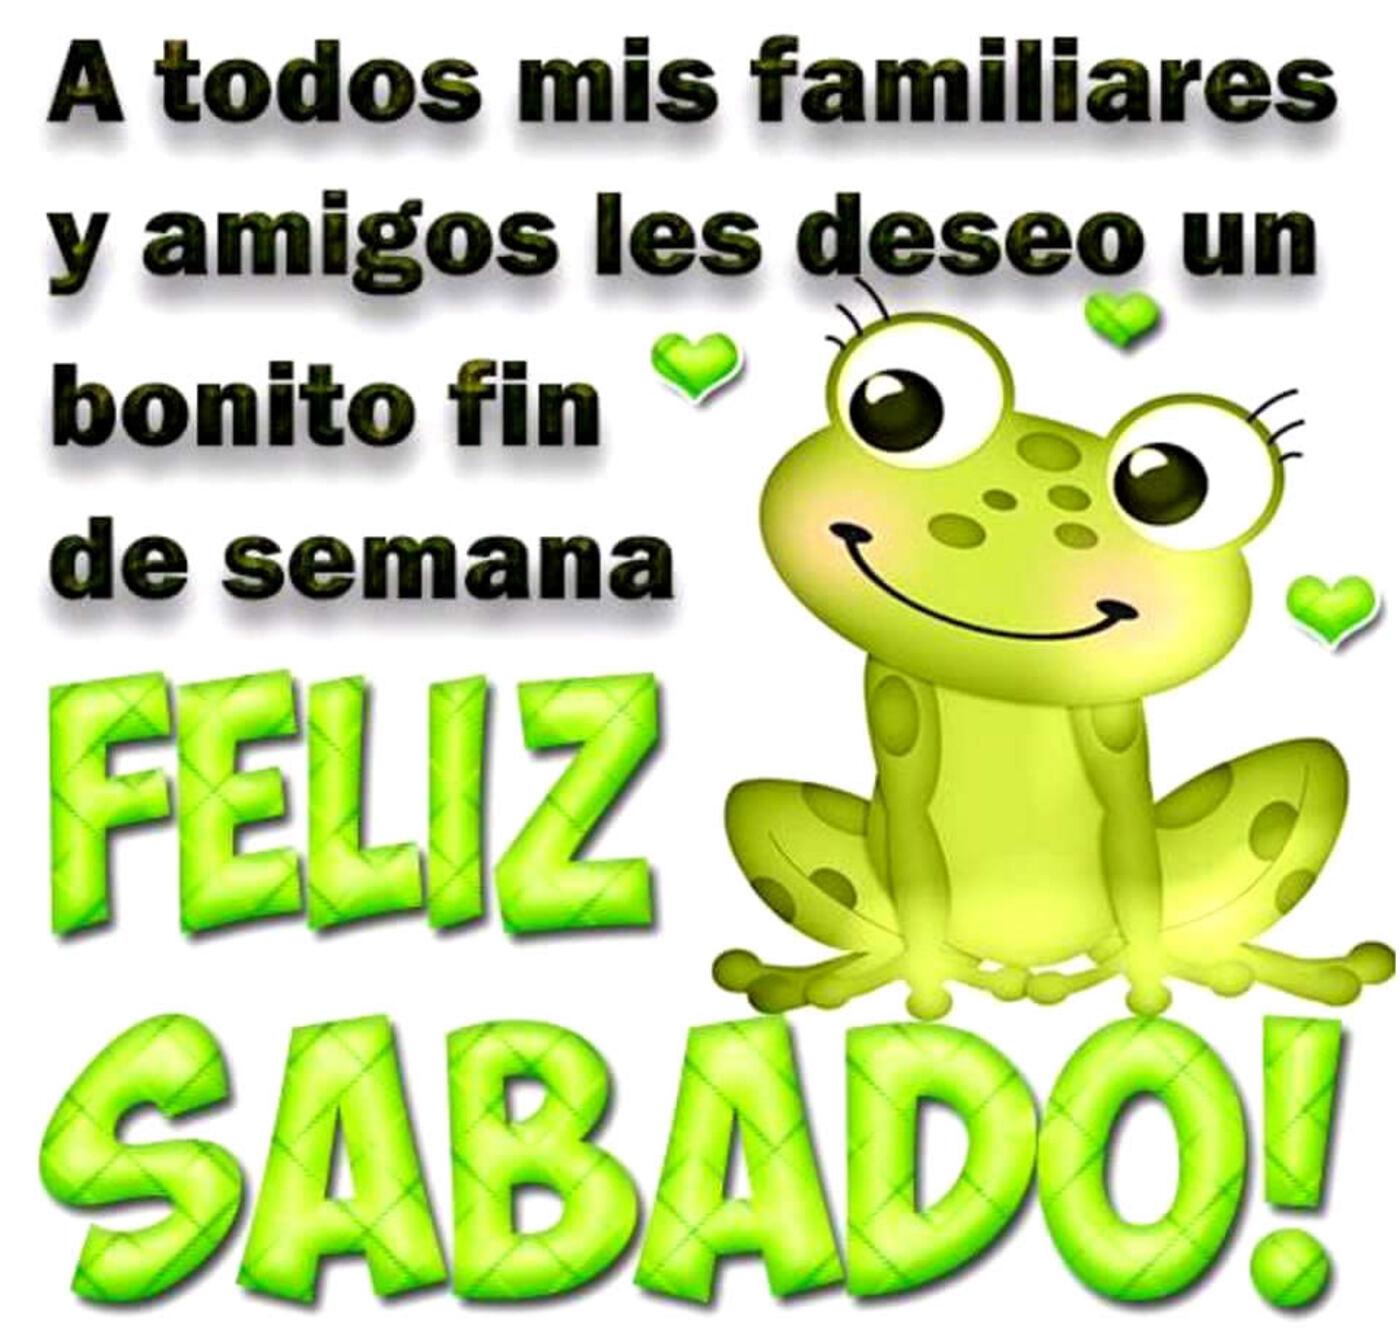 A todos mis familiares y amigos les deseo un bonito fin de semana...Feliz sábado!!